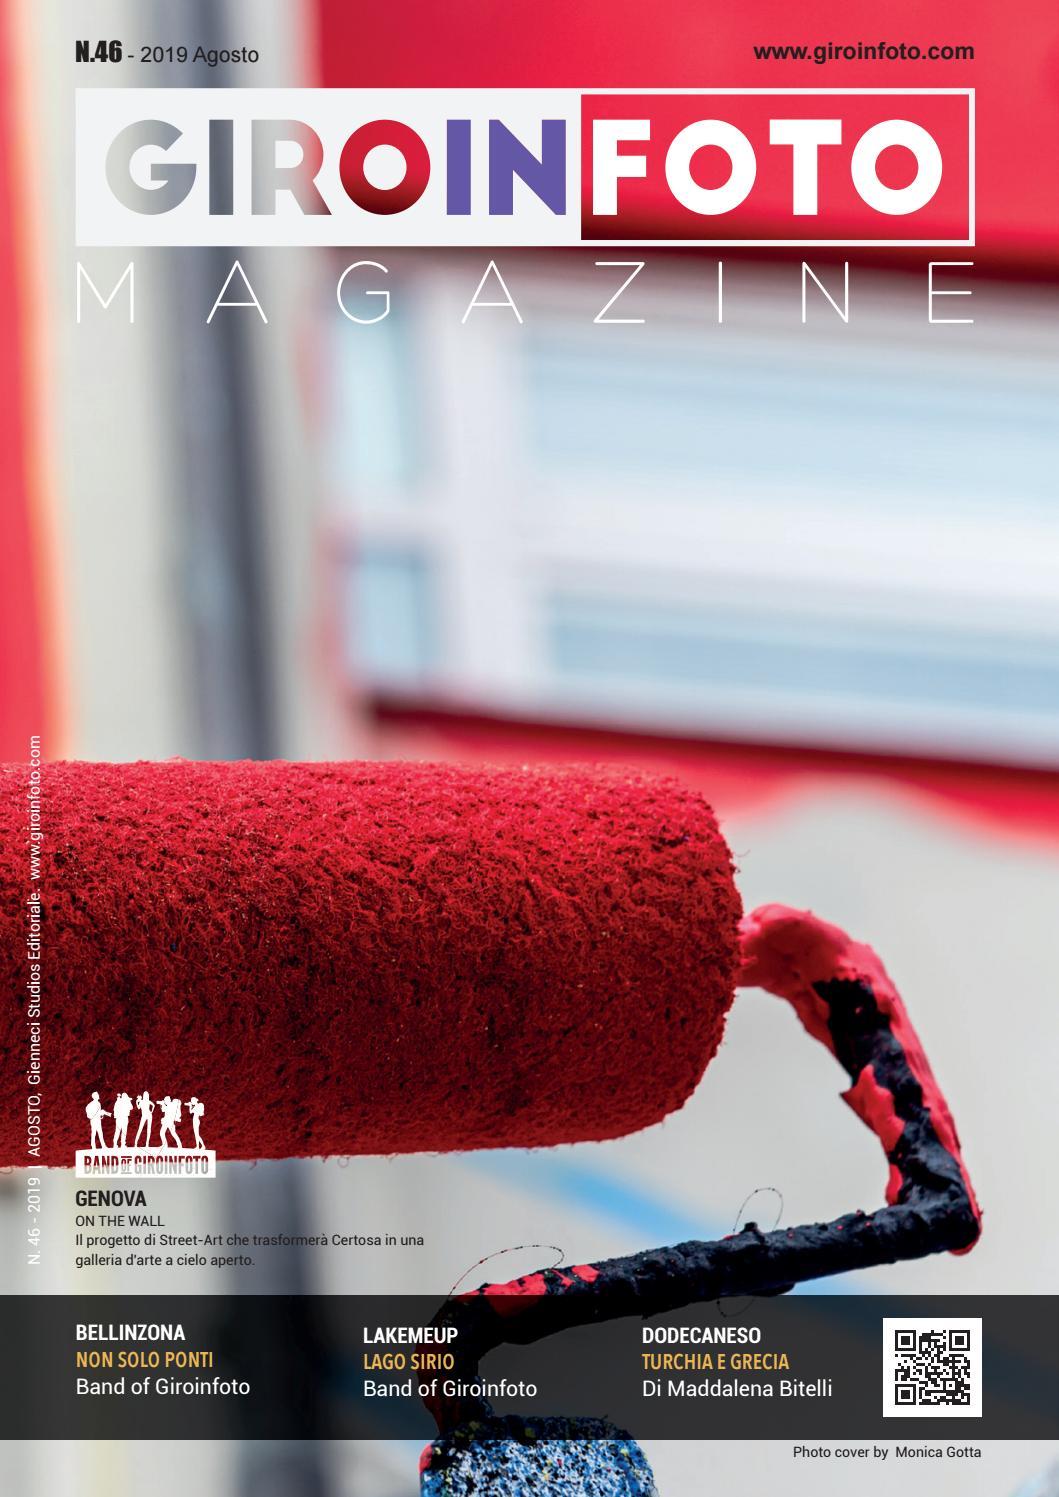 La Vena Artistica Genova giroinfoto magazine 46 by giroinfoto magazine - issuu